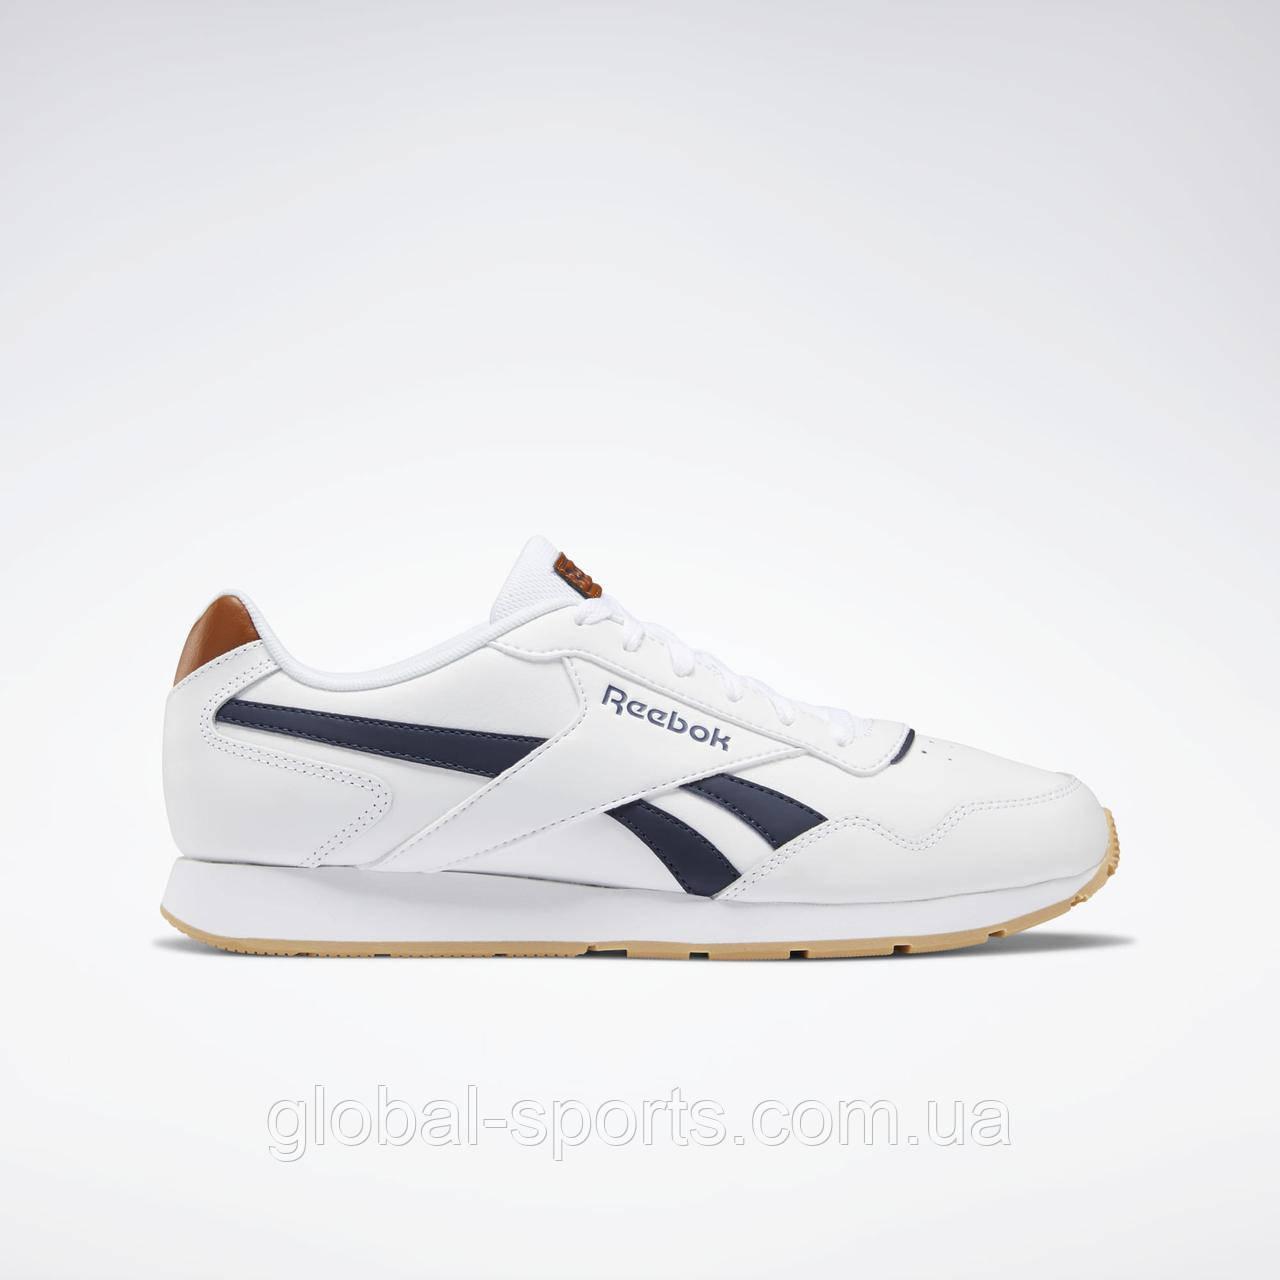 Чоловічі кросівки Reebok Royal Glide(Артикул:DV8781)